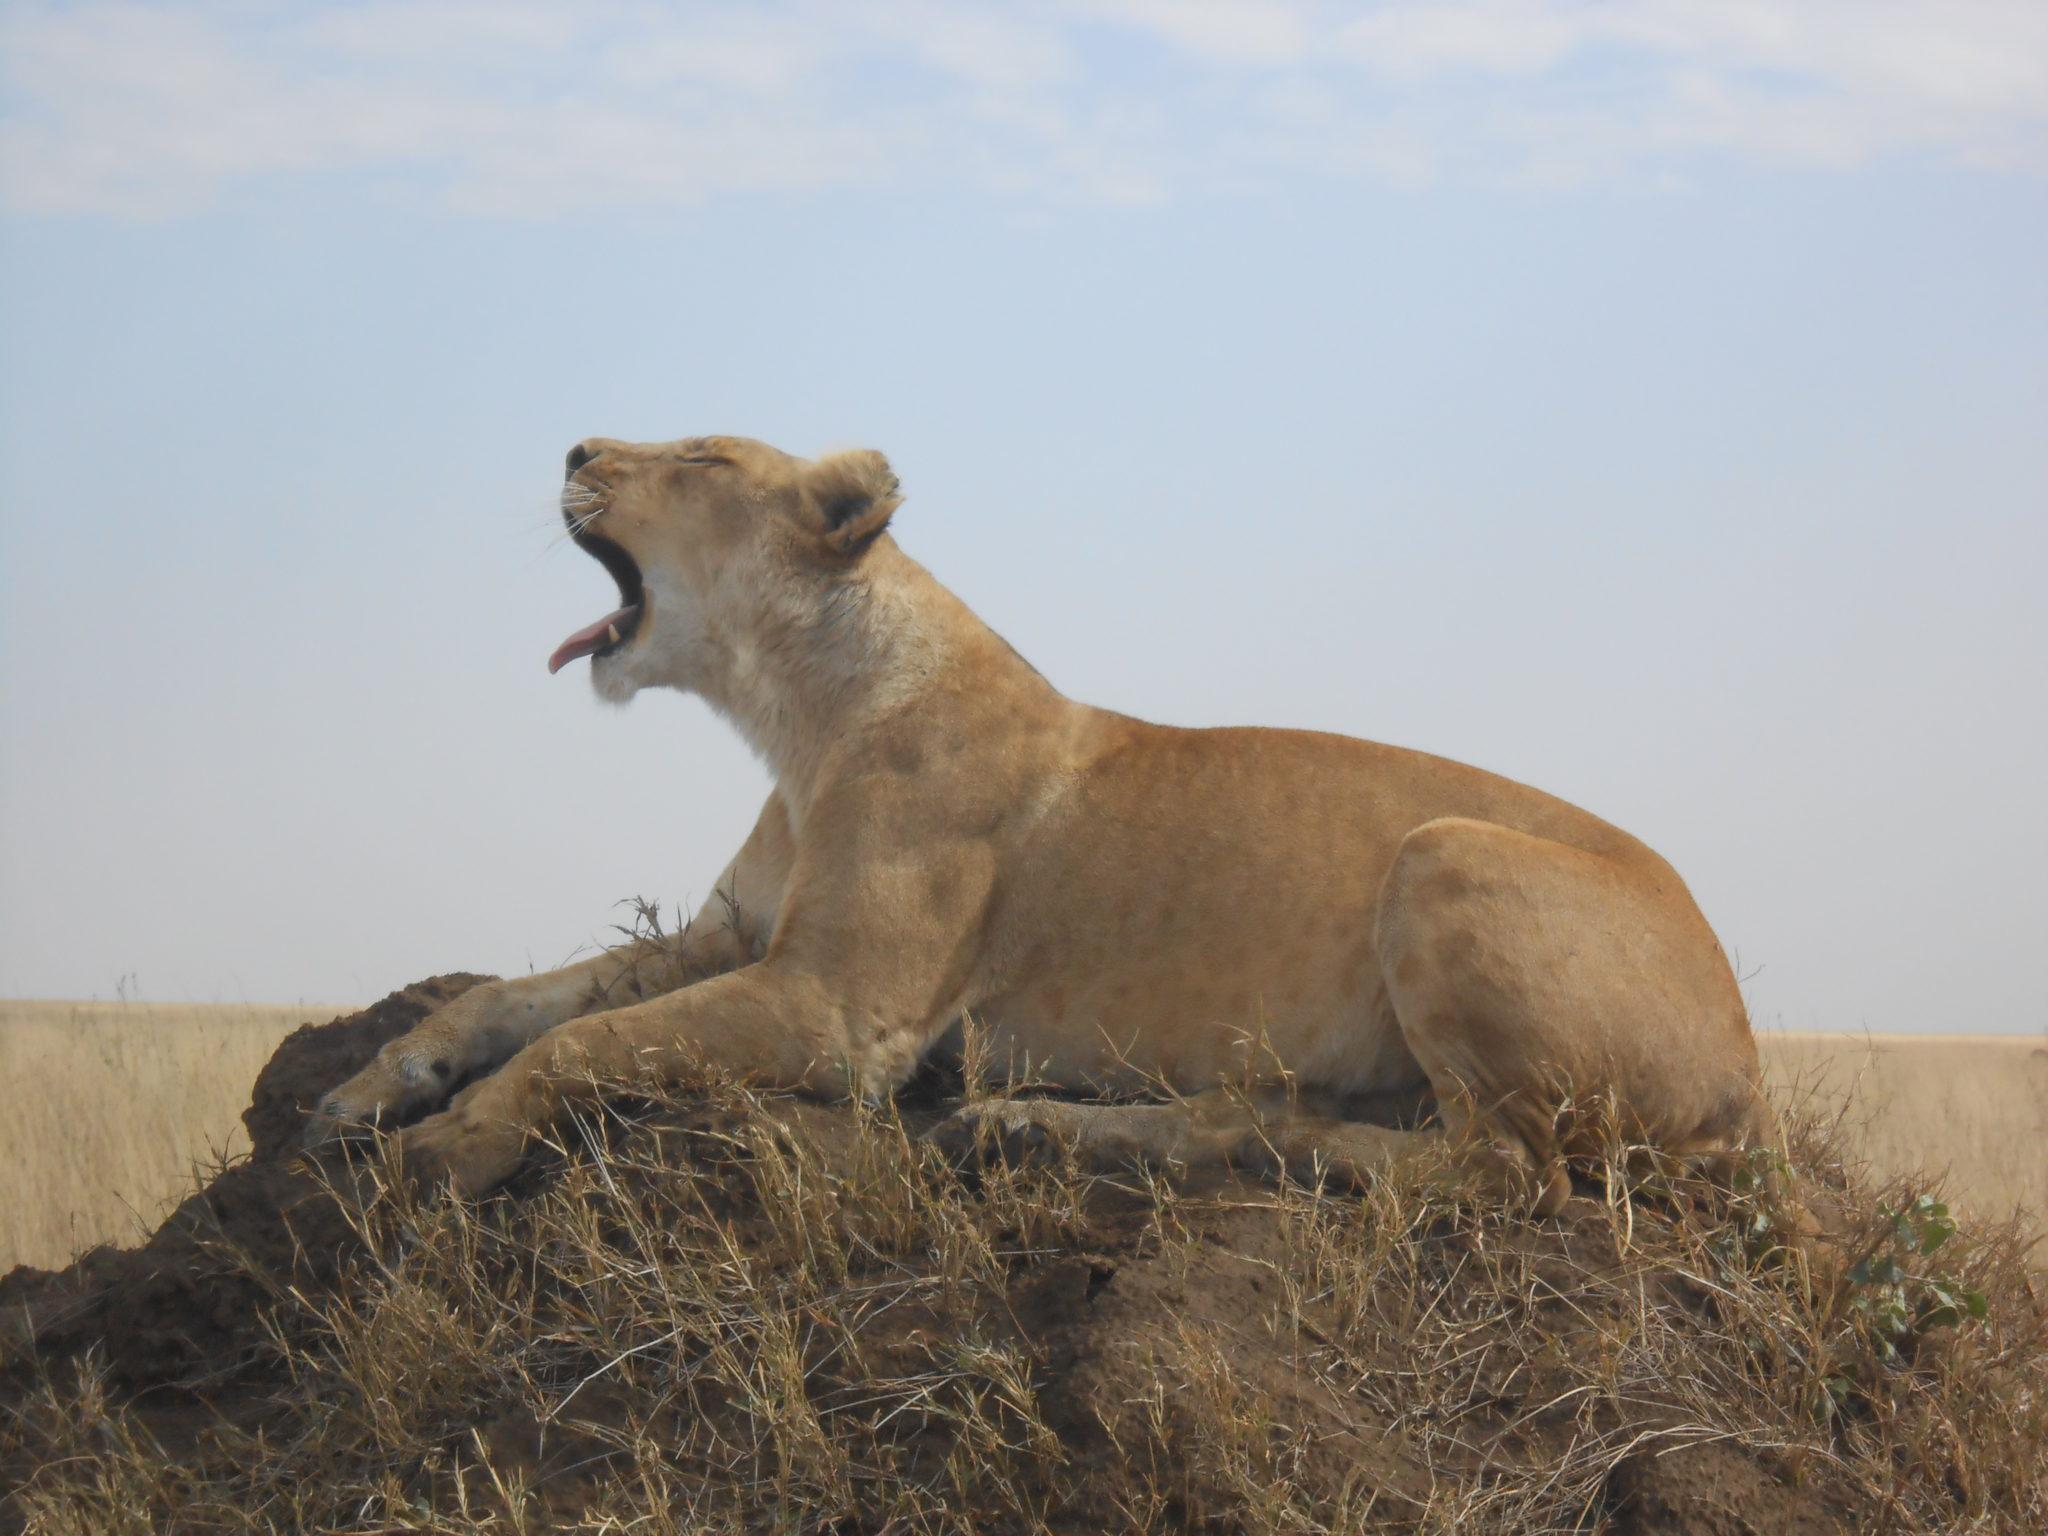 Ook leeuwen hebben soms behoefte aan geeuwen